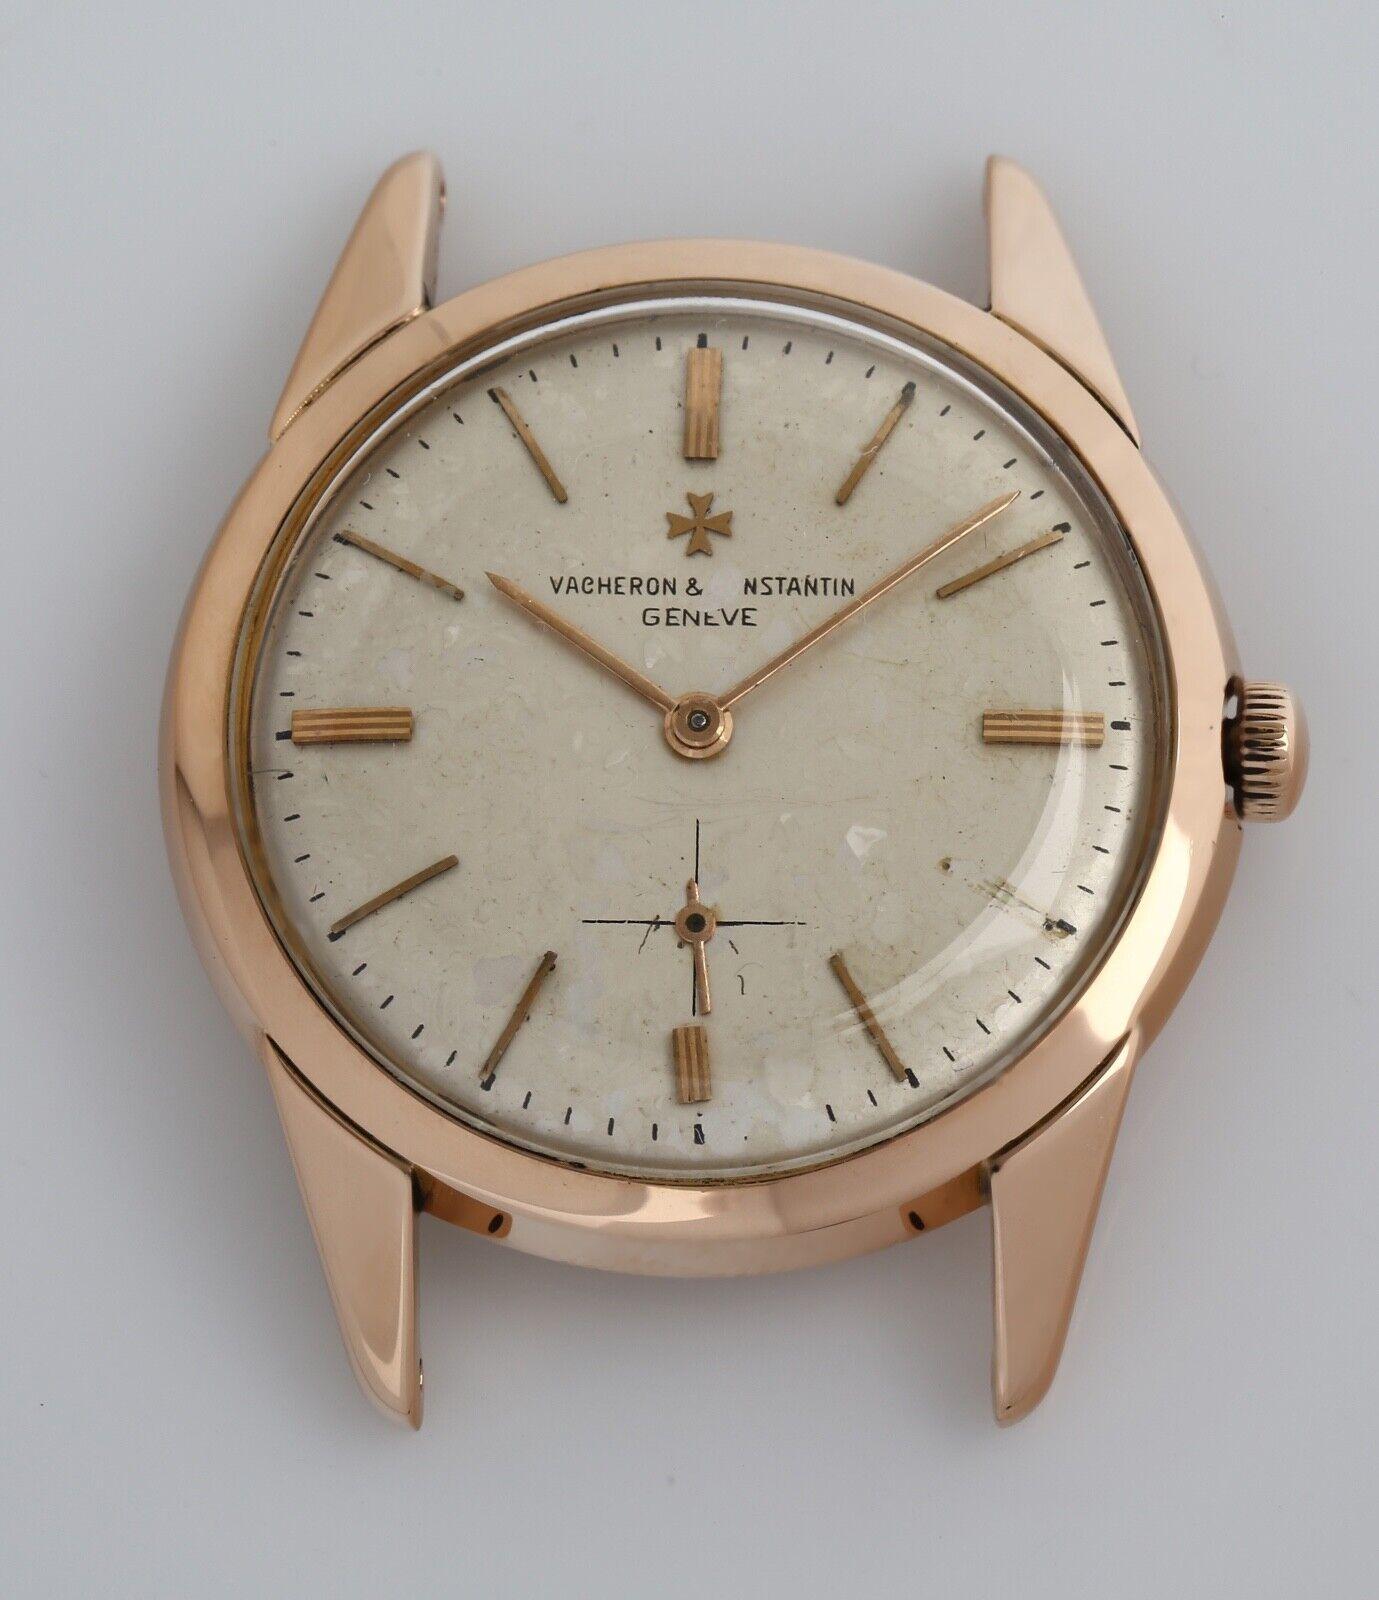 Vintage Vacheron Constantin 18k Rose Gold 1940's Cal. 1001 Wristwatch - watch picture 1